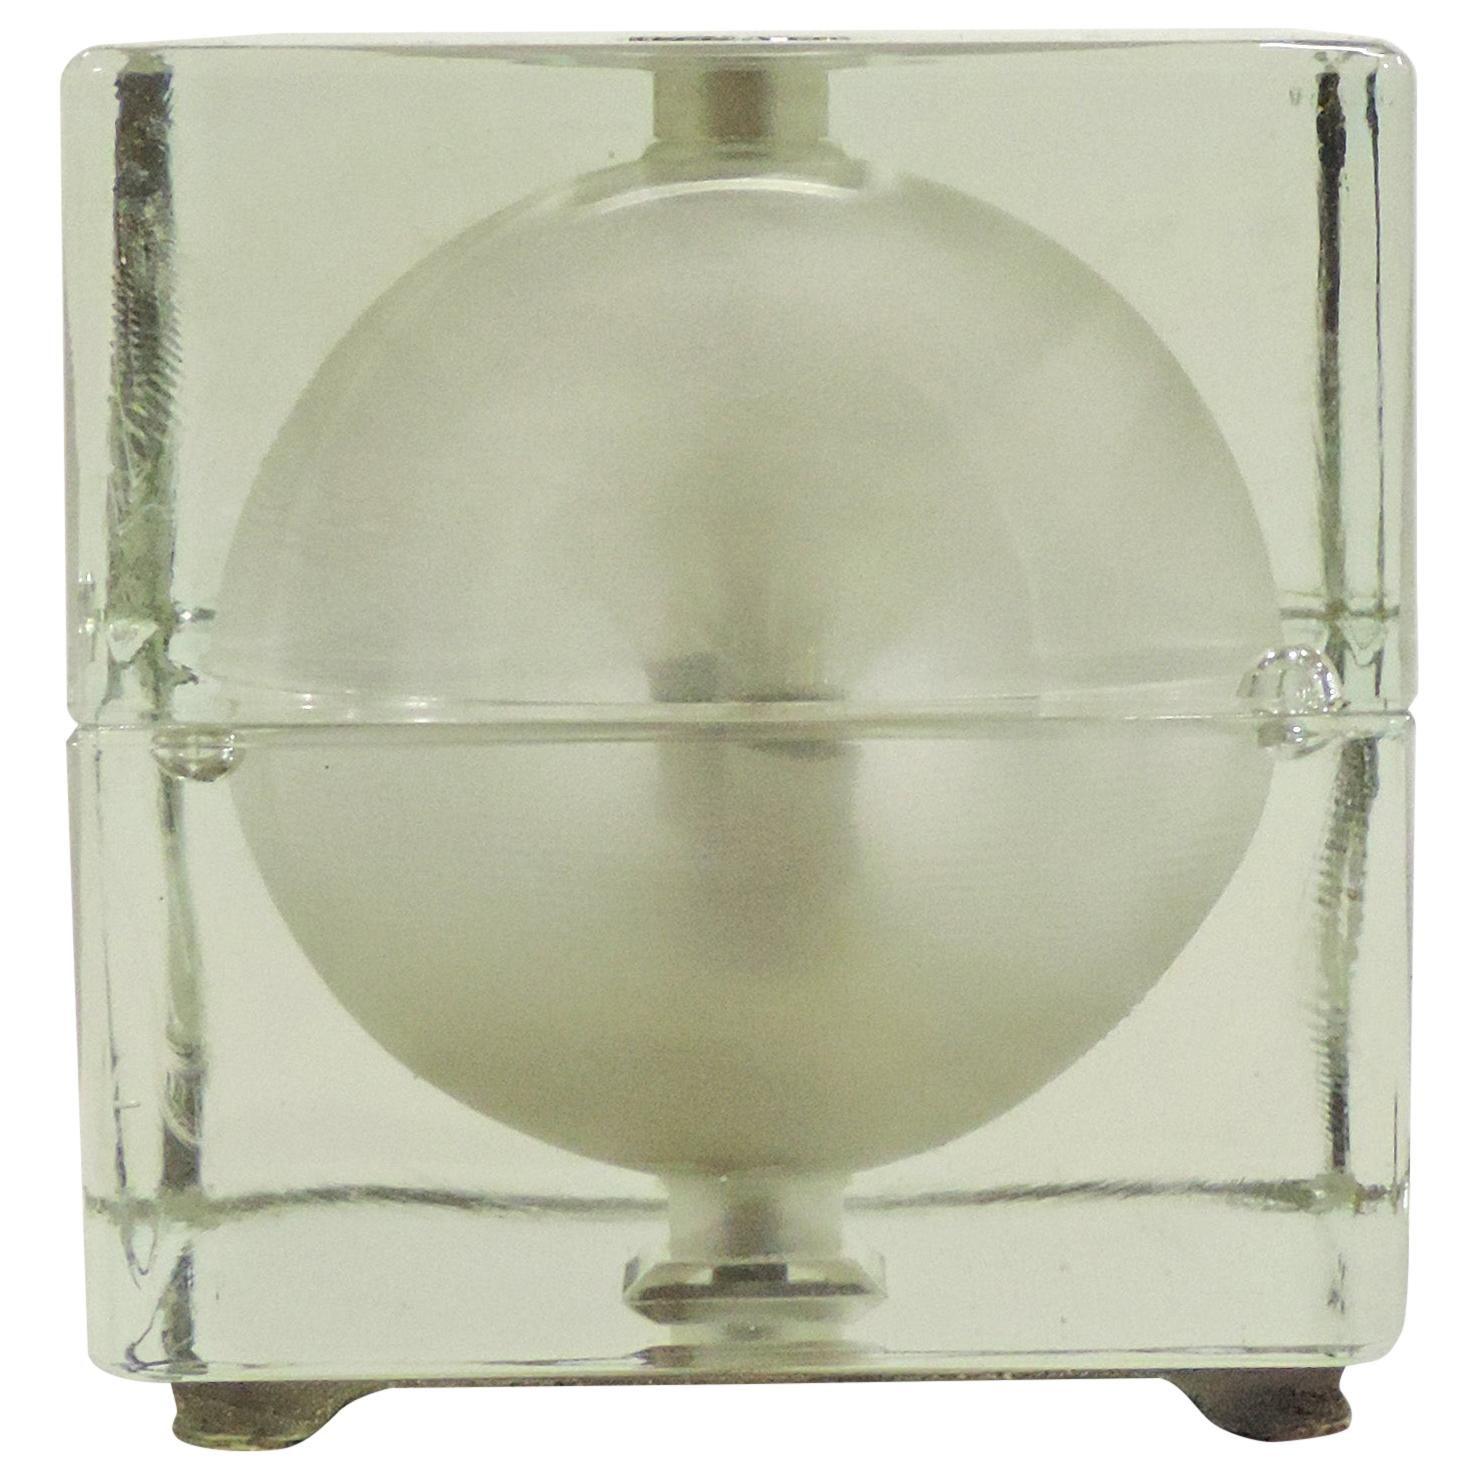 Alessandro Mendini Cubosfera Table Lamp, Italy, 1960s